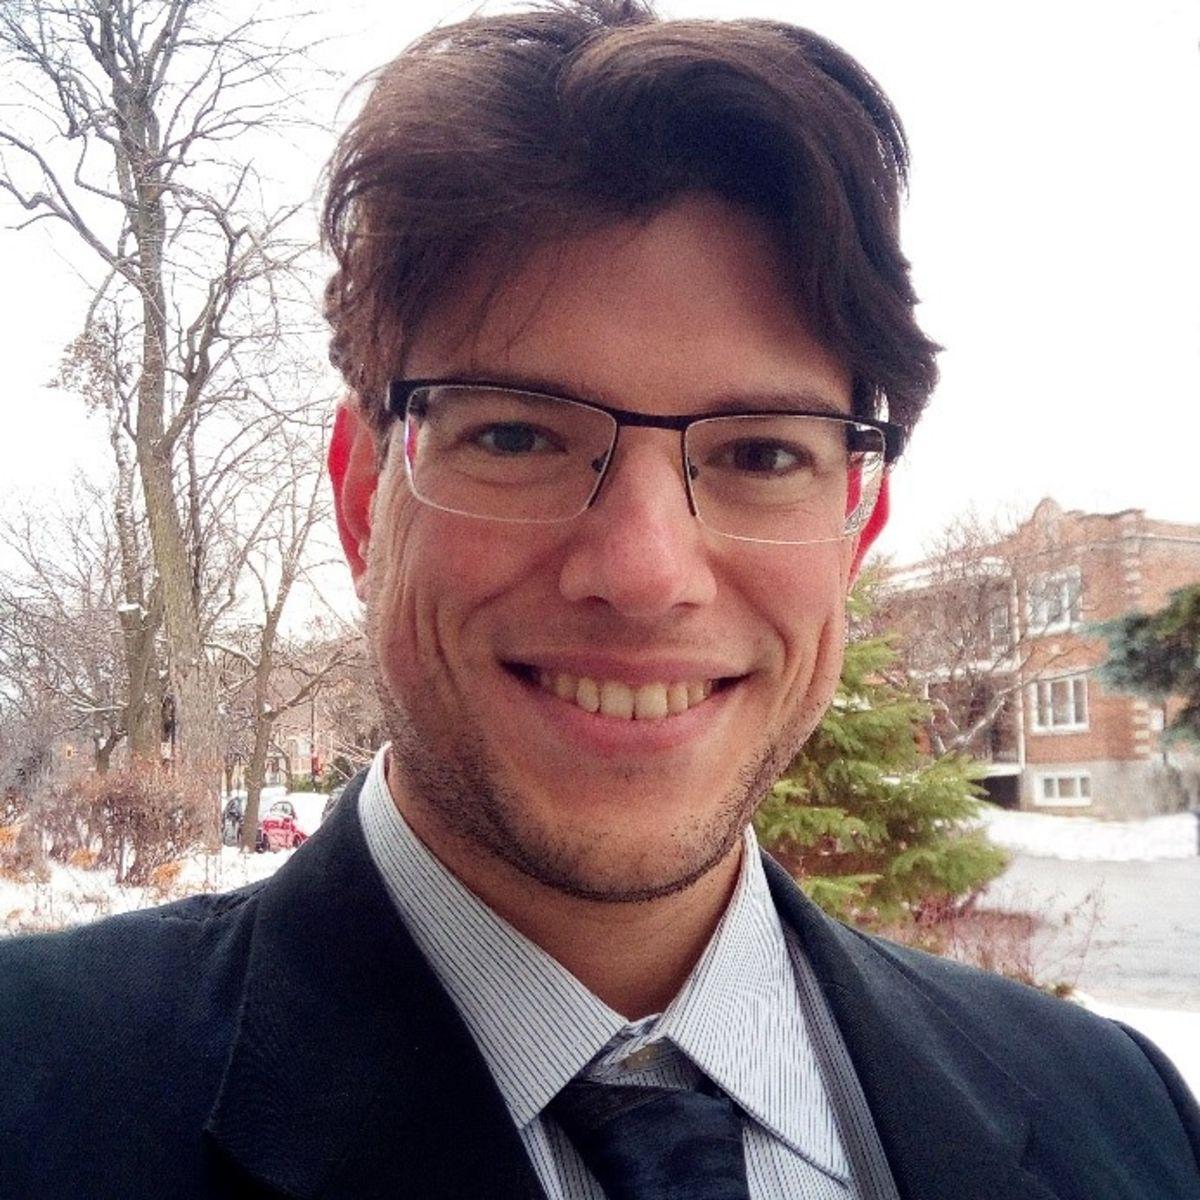 Marco Giulio Rigamonti